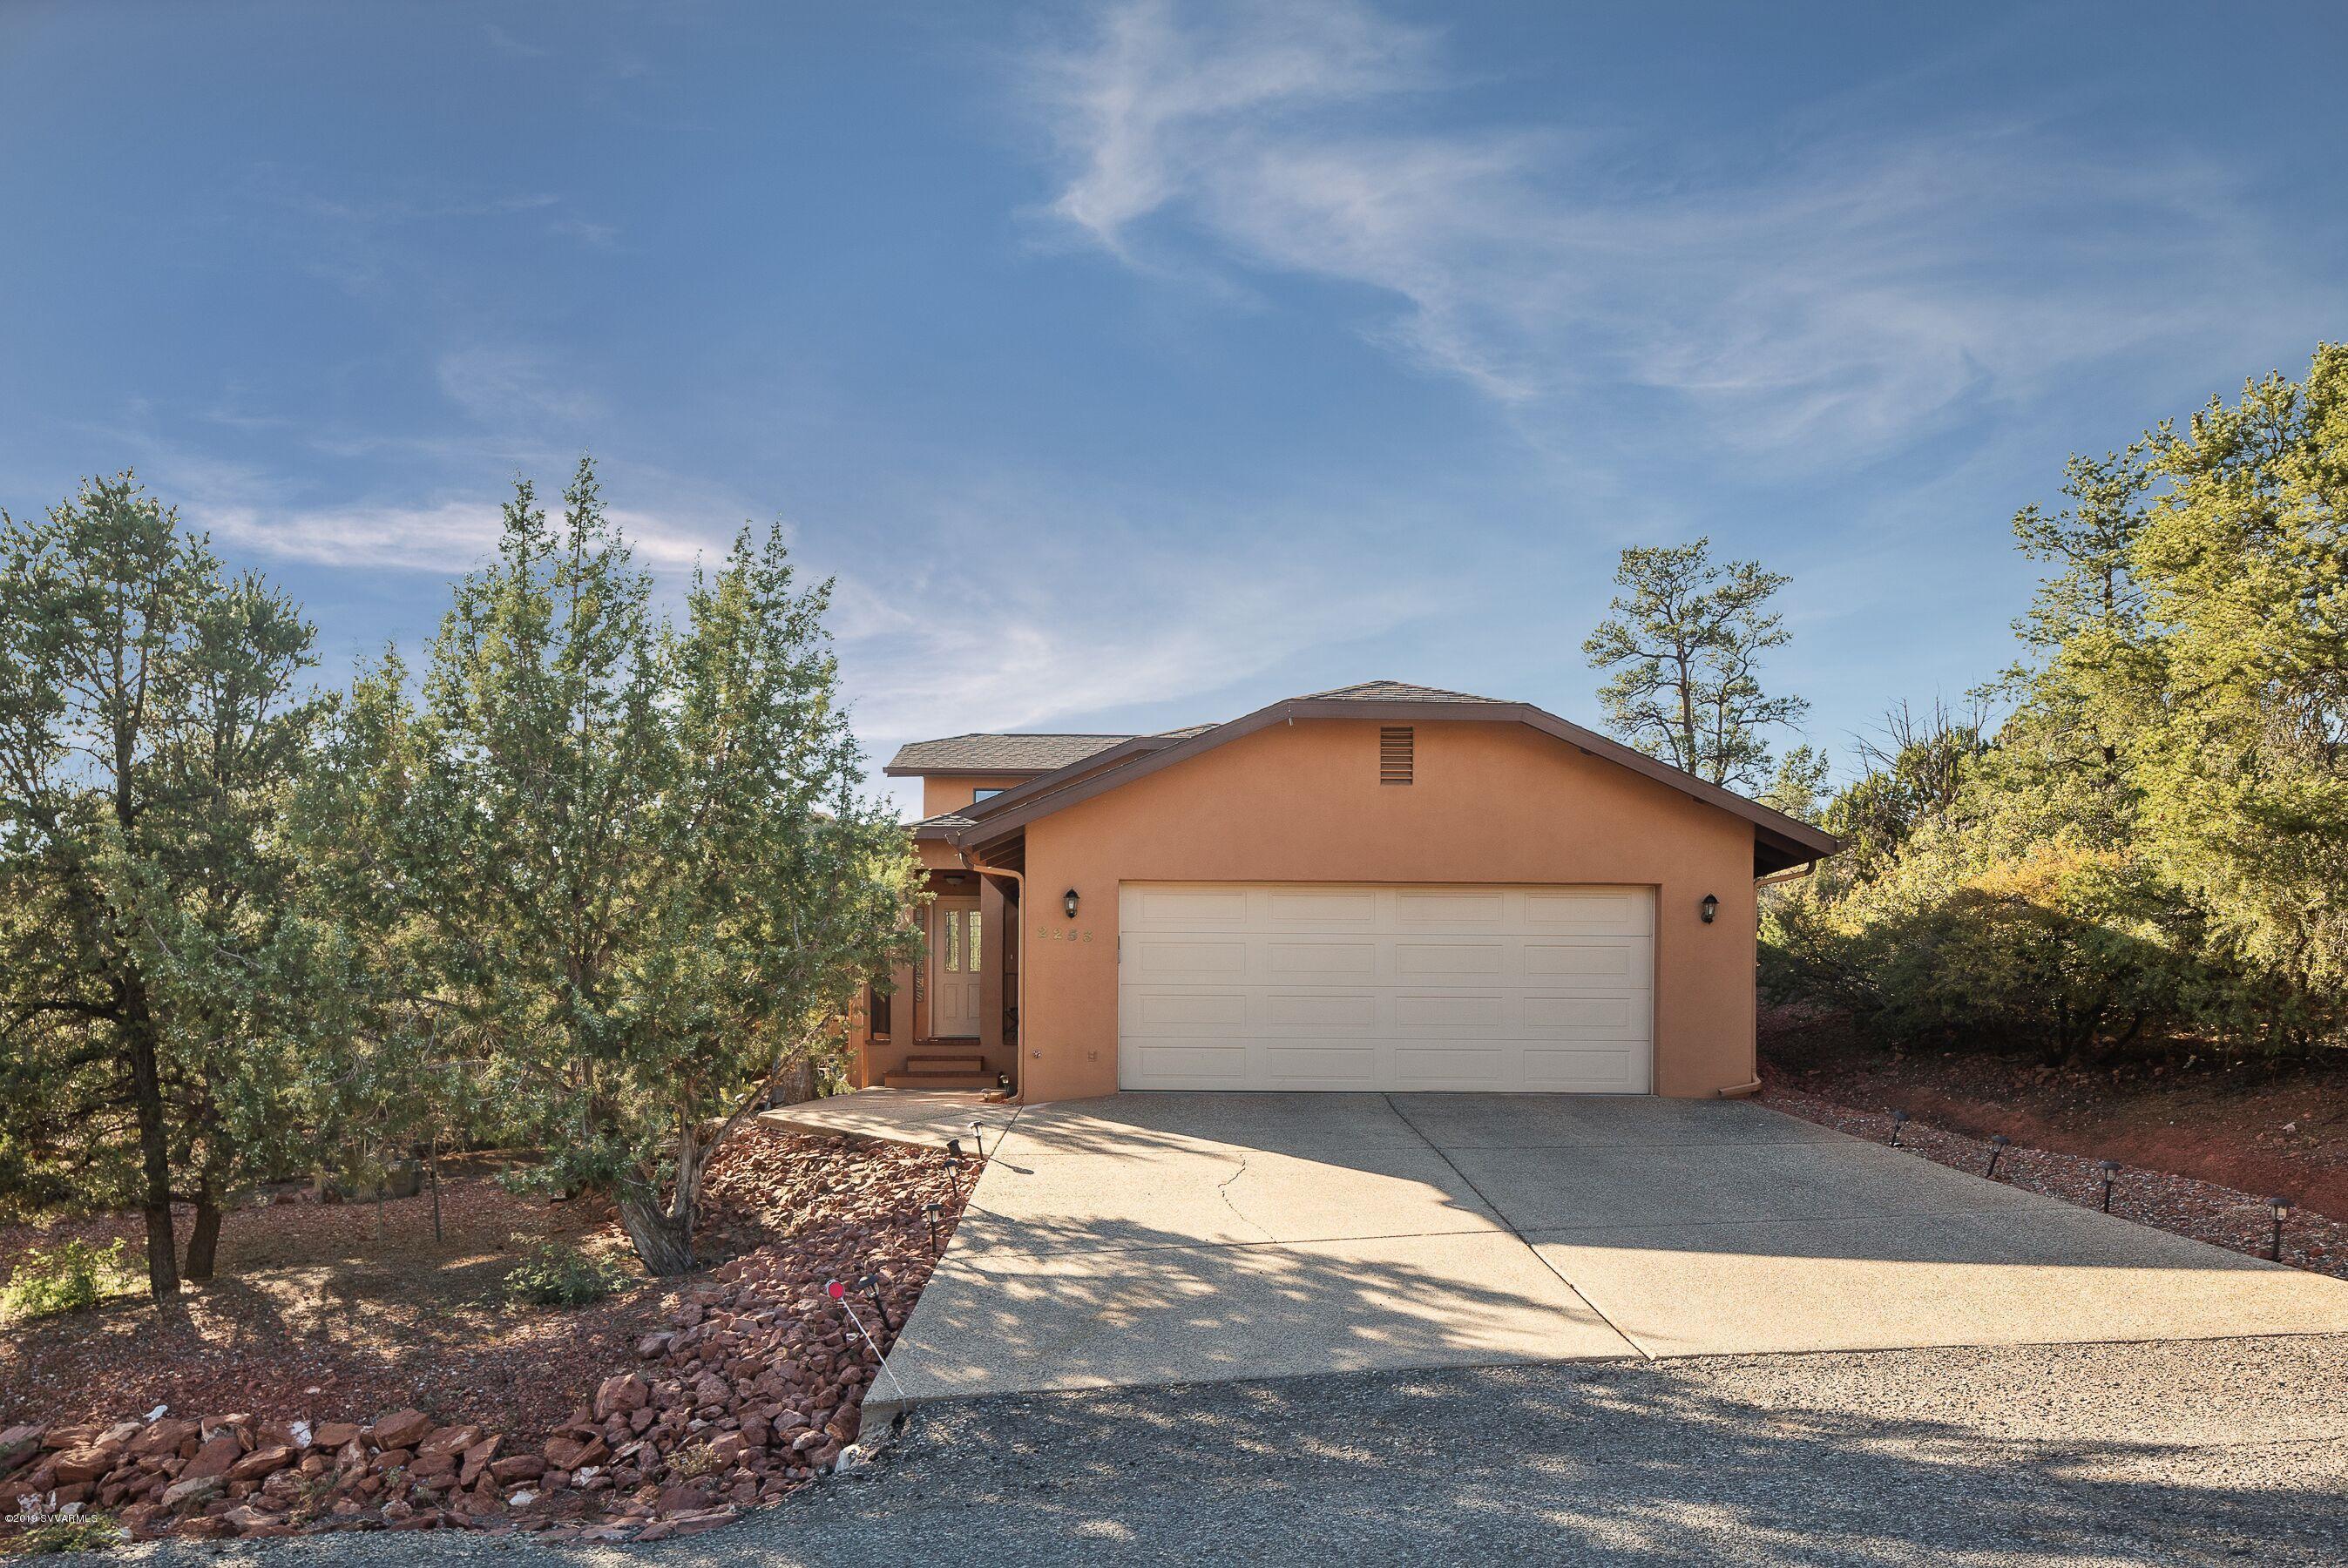 2253 Roadrunner Rd Sedona, AZ 86336